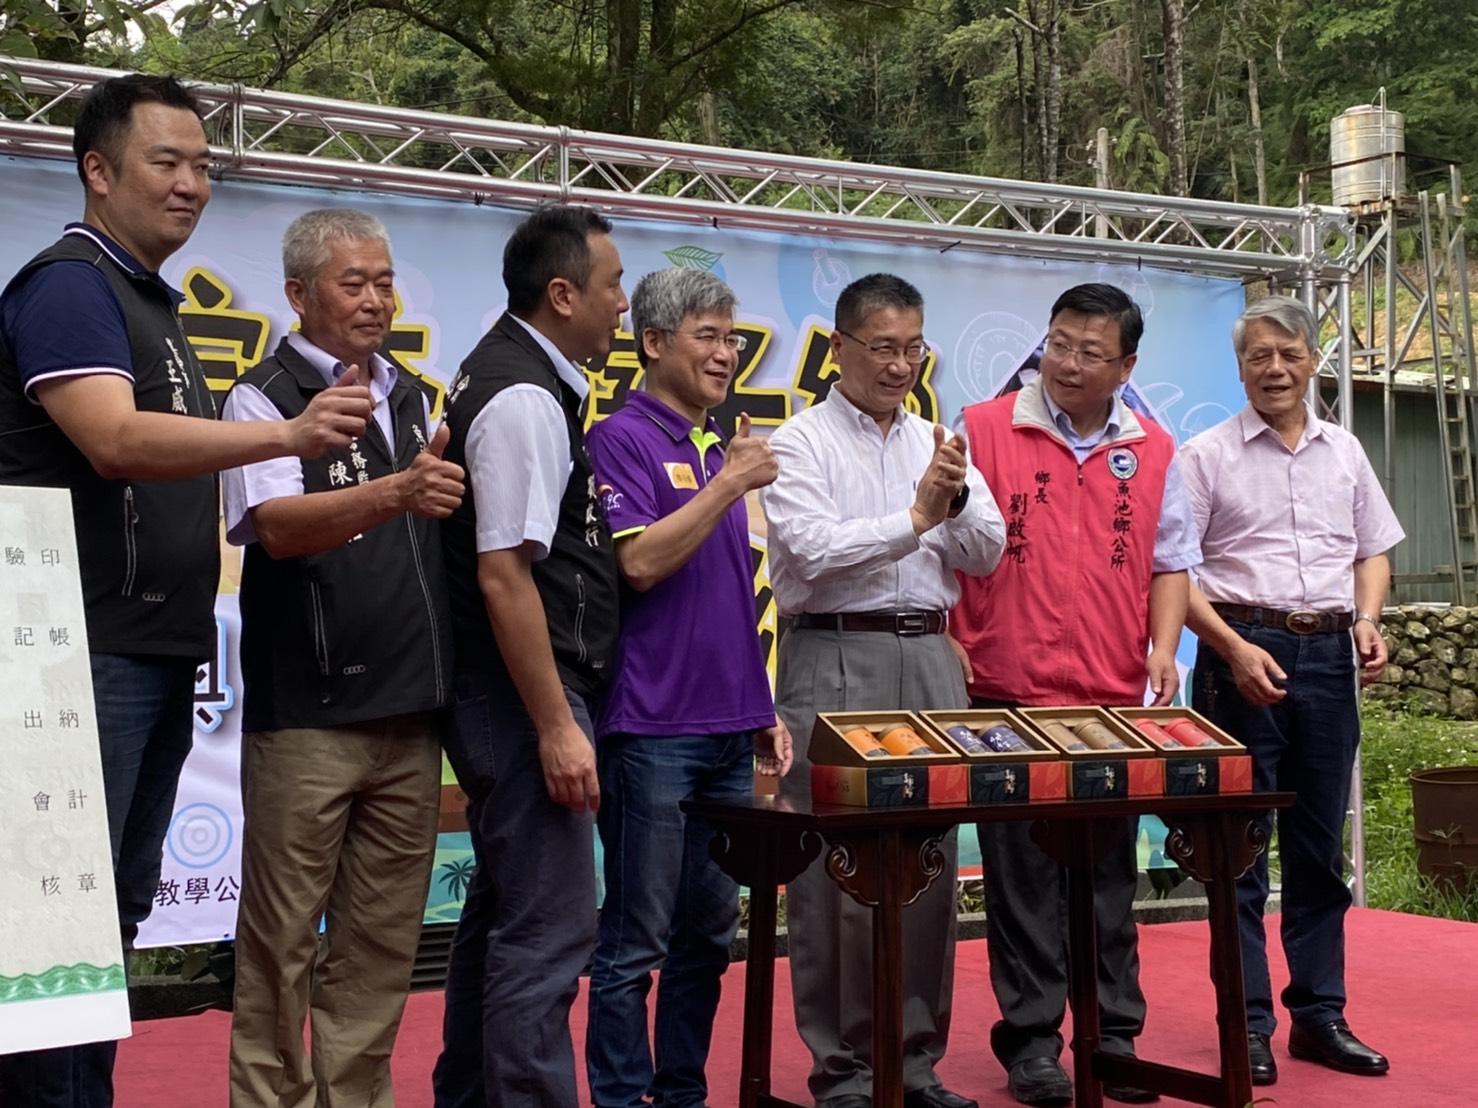 至善園免費教學公益平台發起人楊岳修也率先響應購買60萬元的茶葉並直接轉贈第一線防疫人員